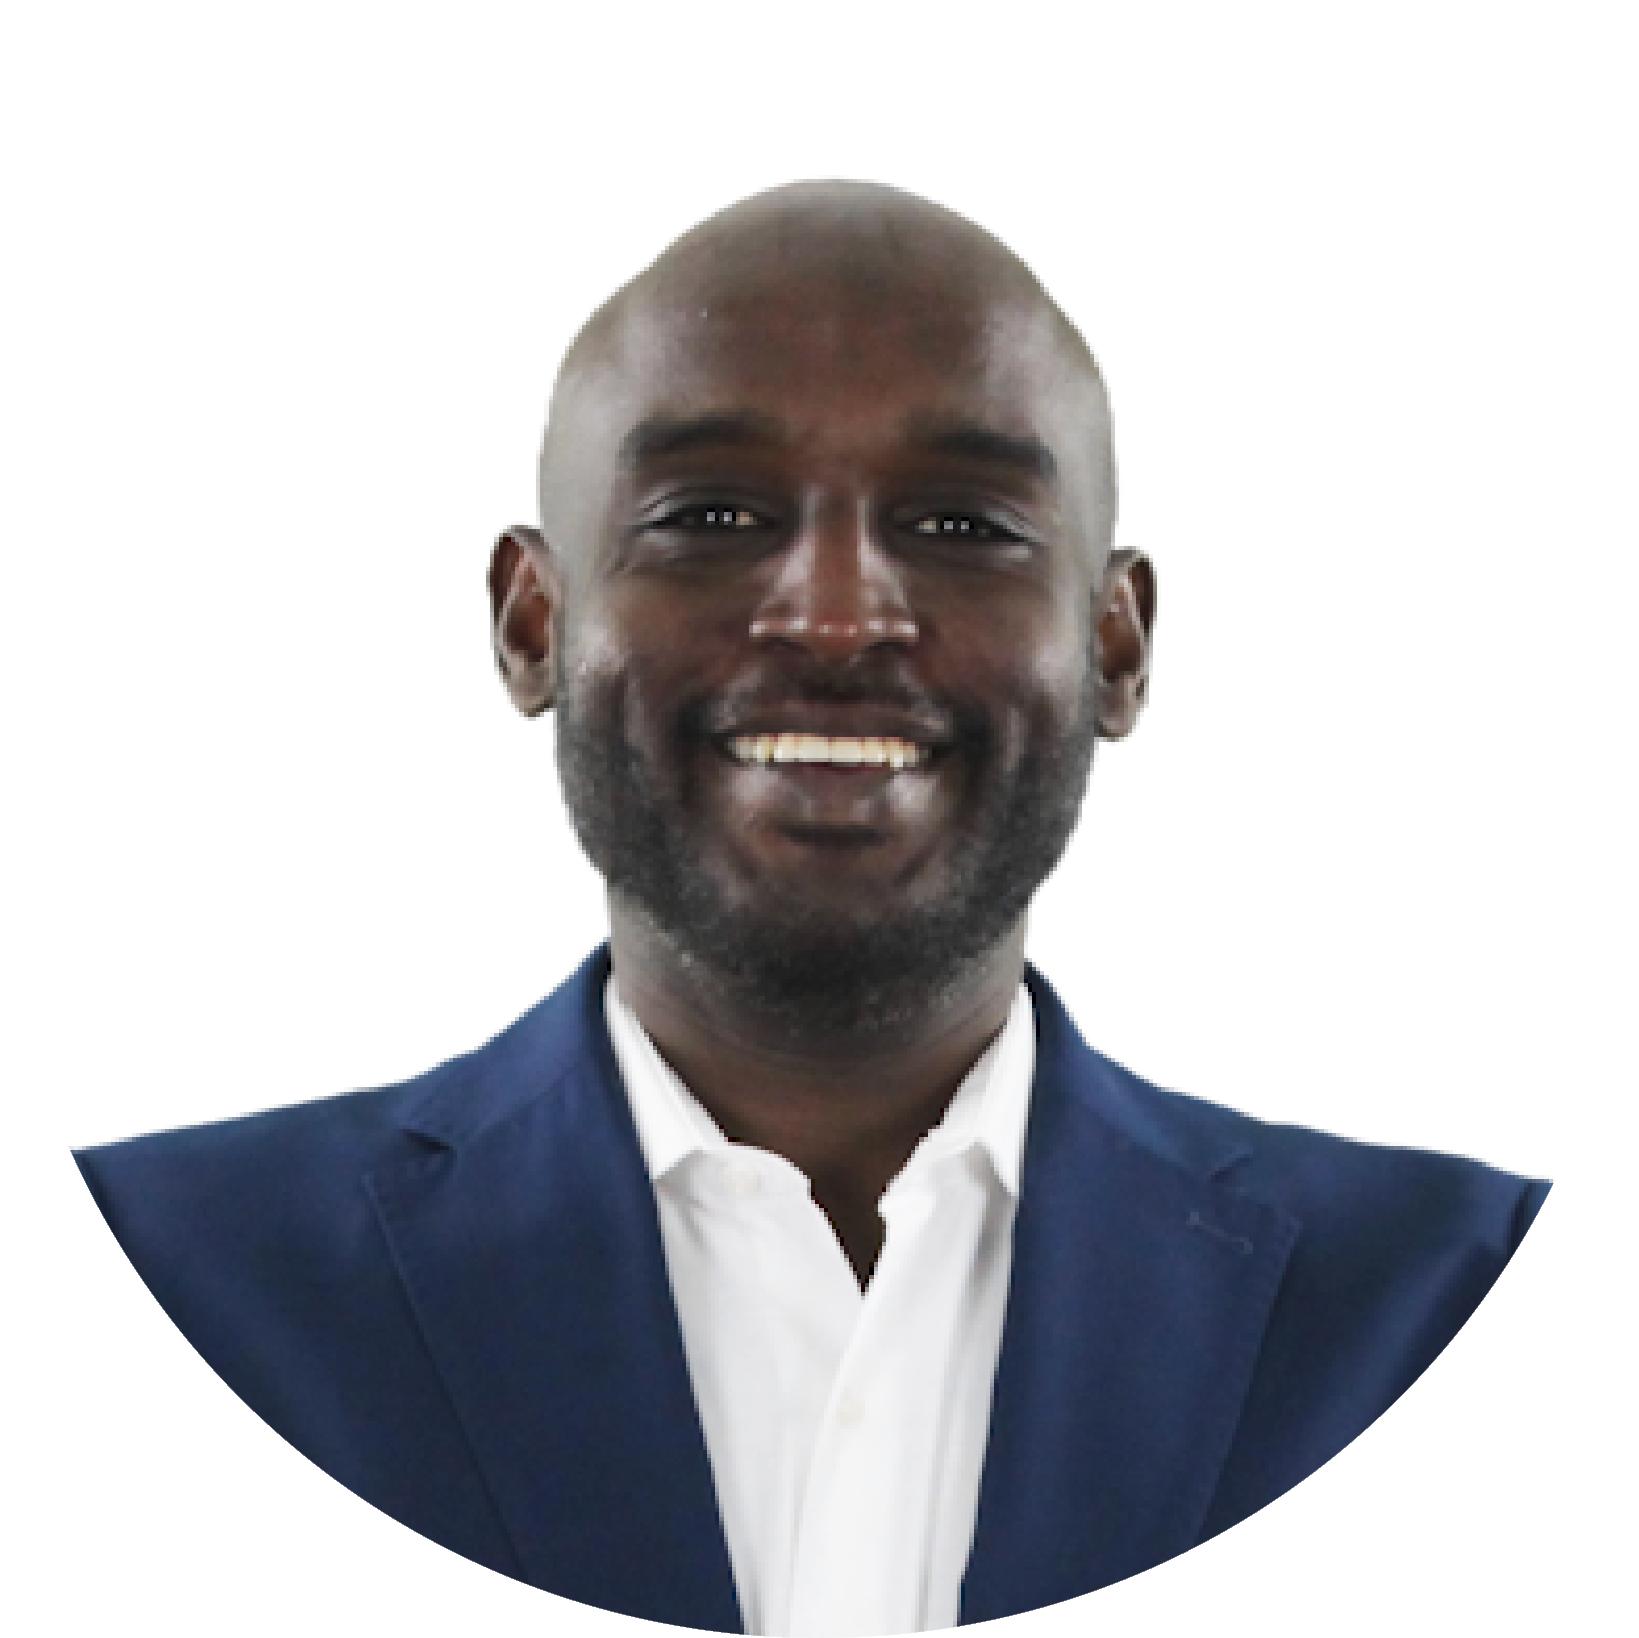 Abdoulkader Abdi